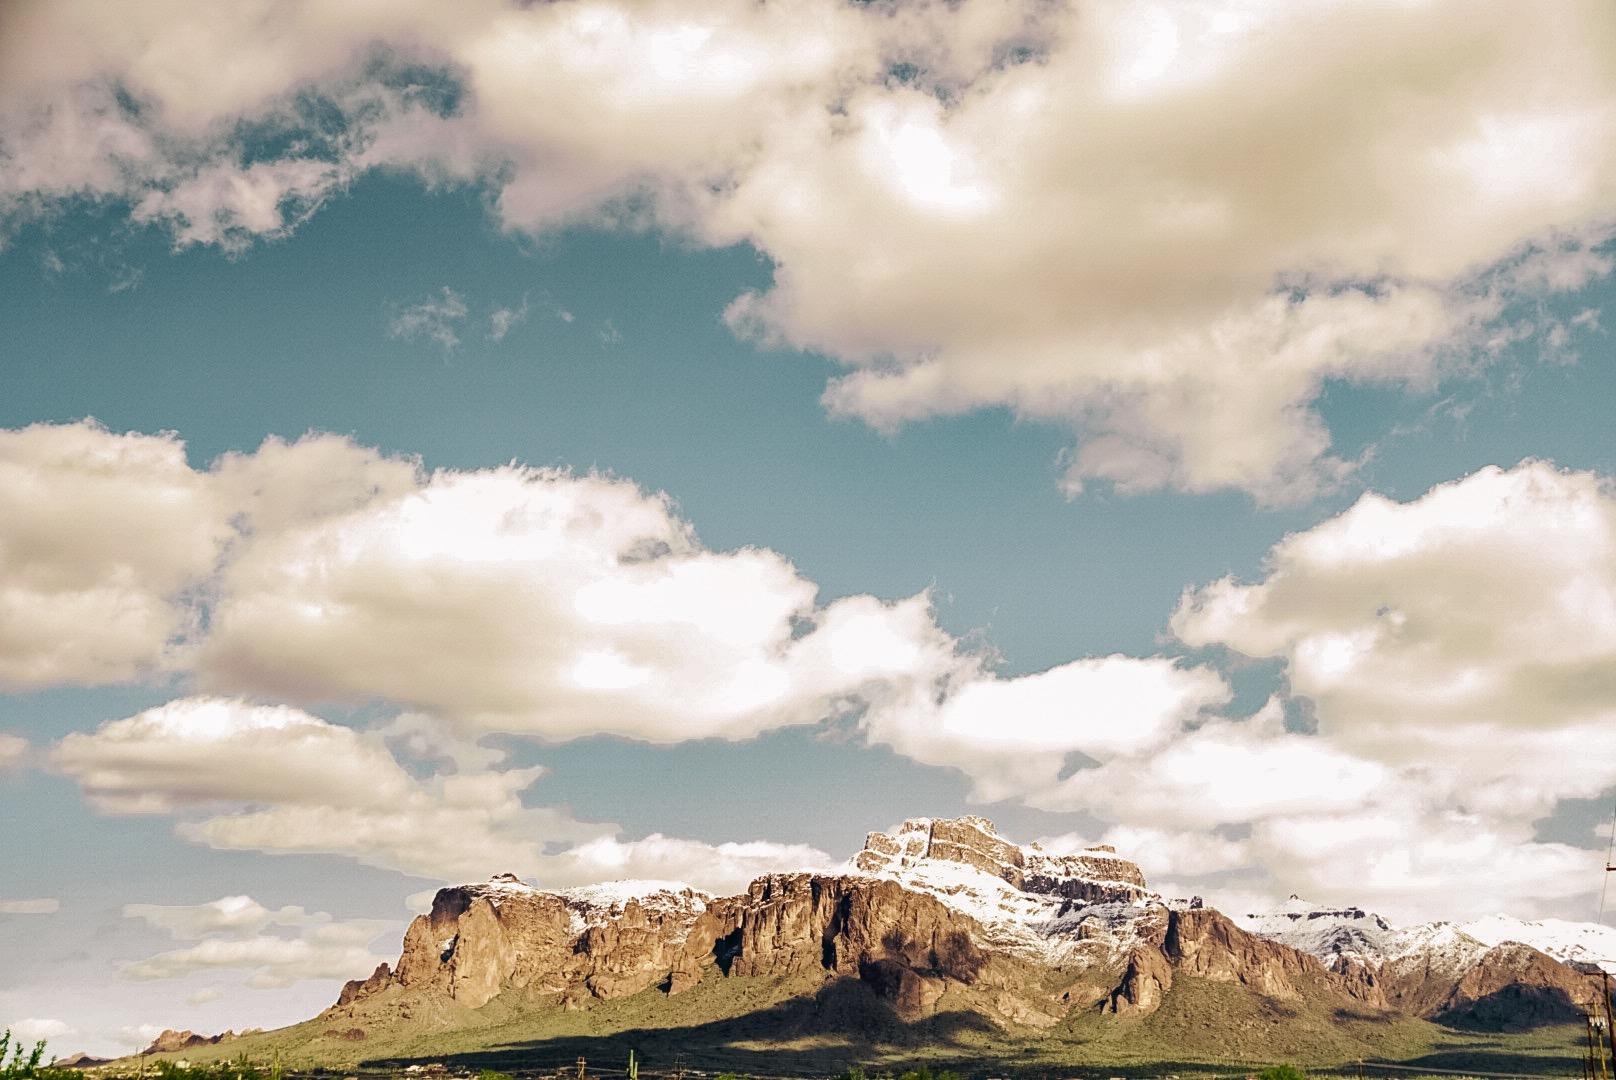 The rarely snow-capped Flat Iron Mountain |  Edward Arthur Dalton